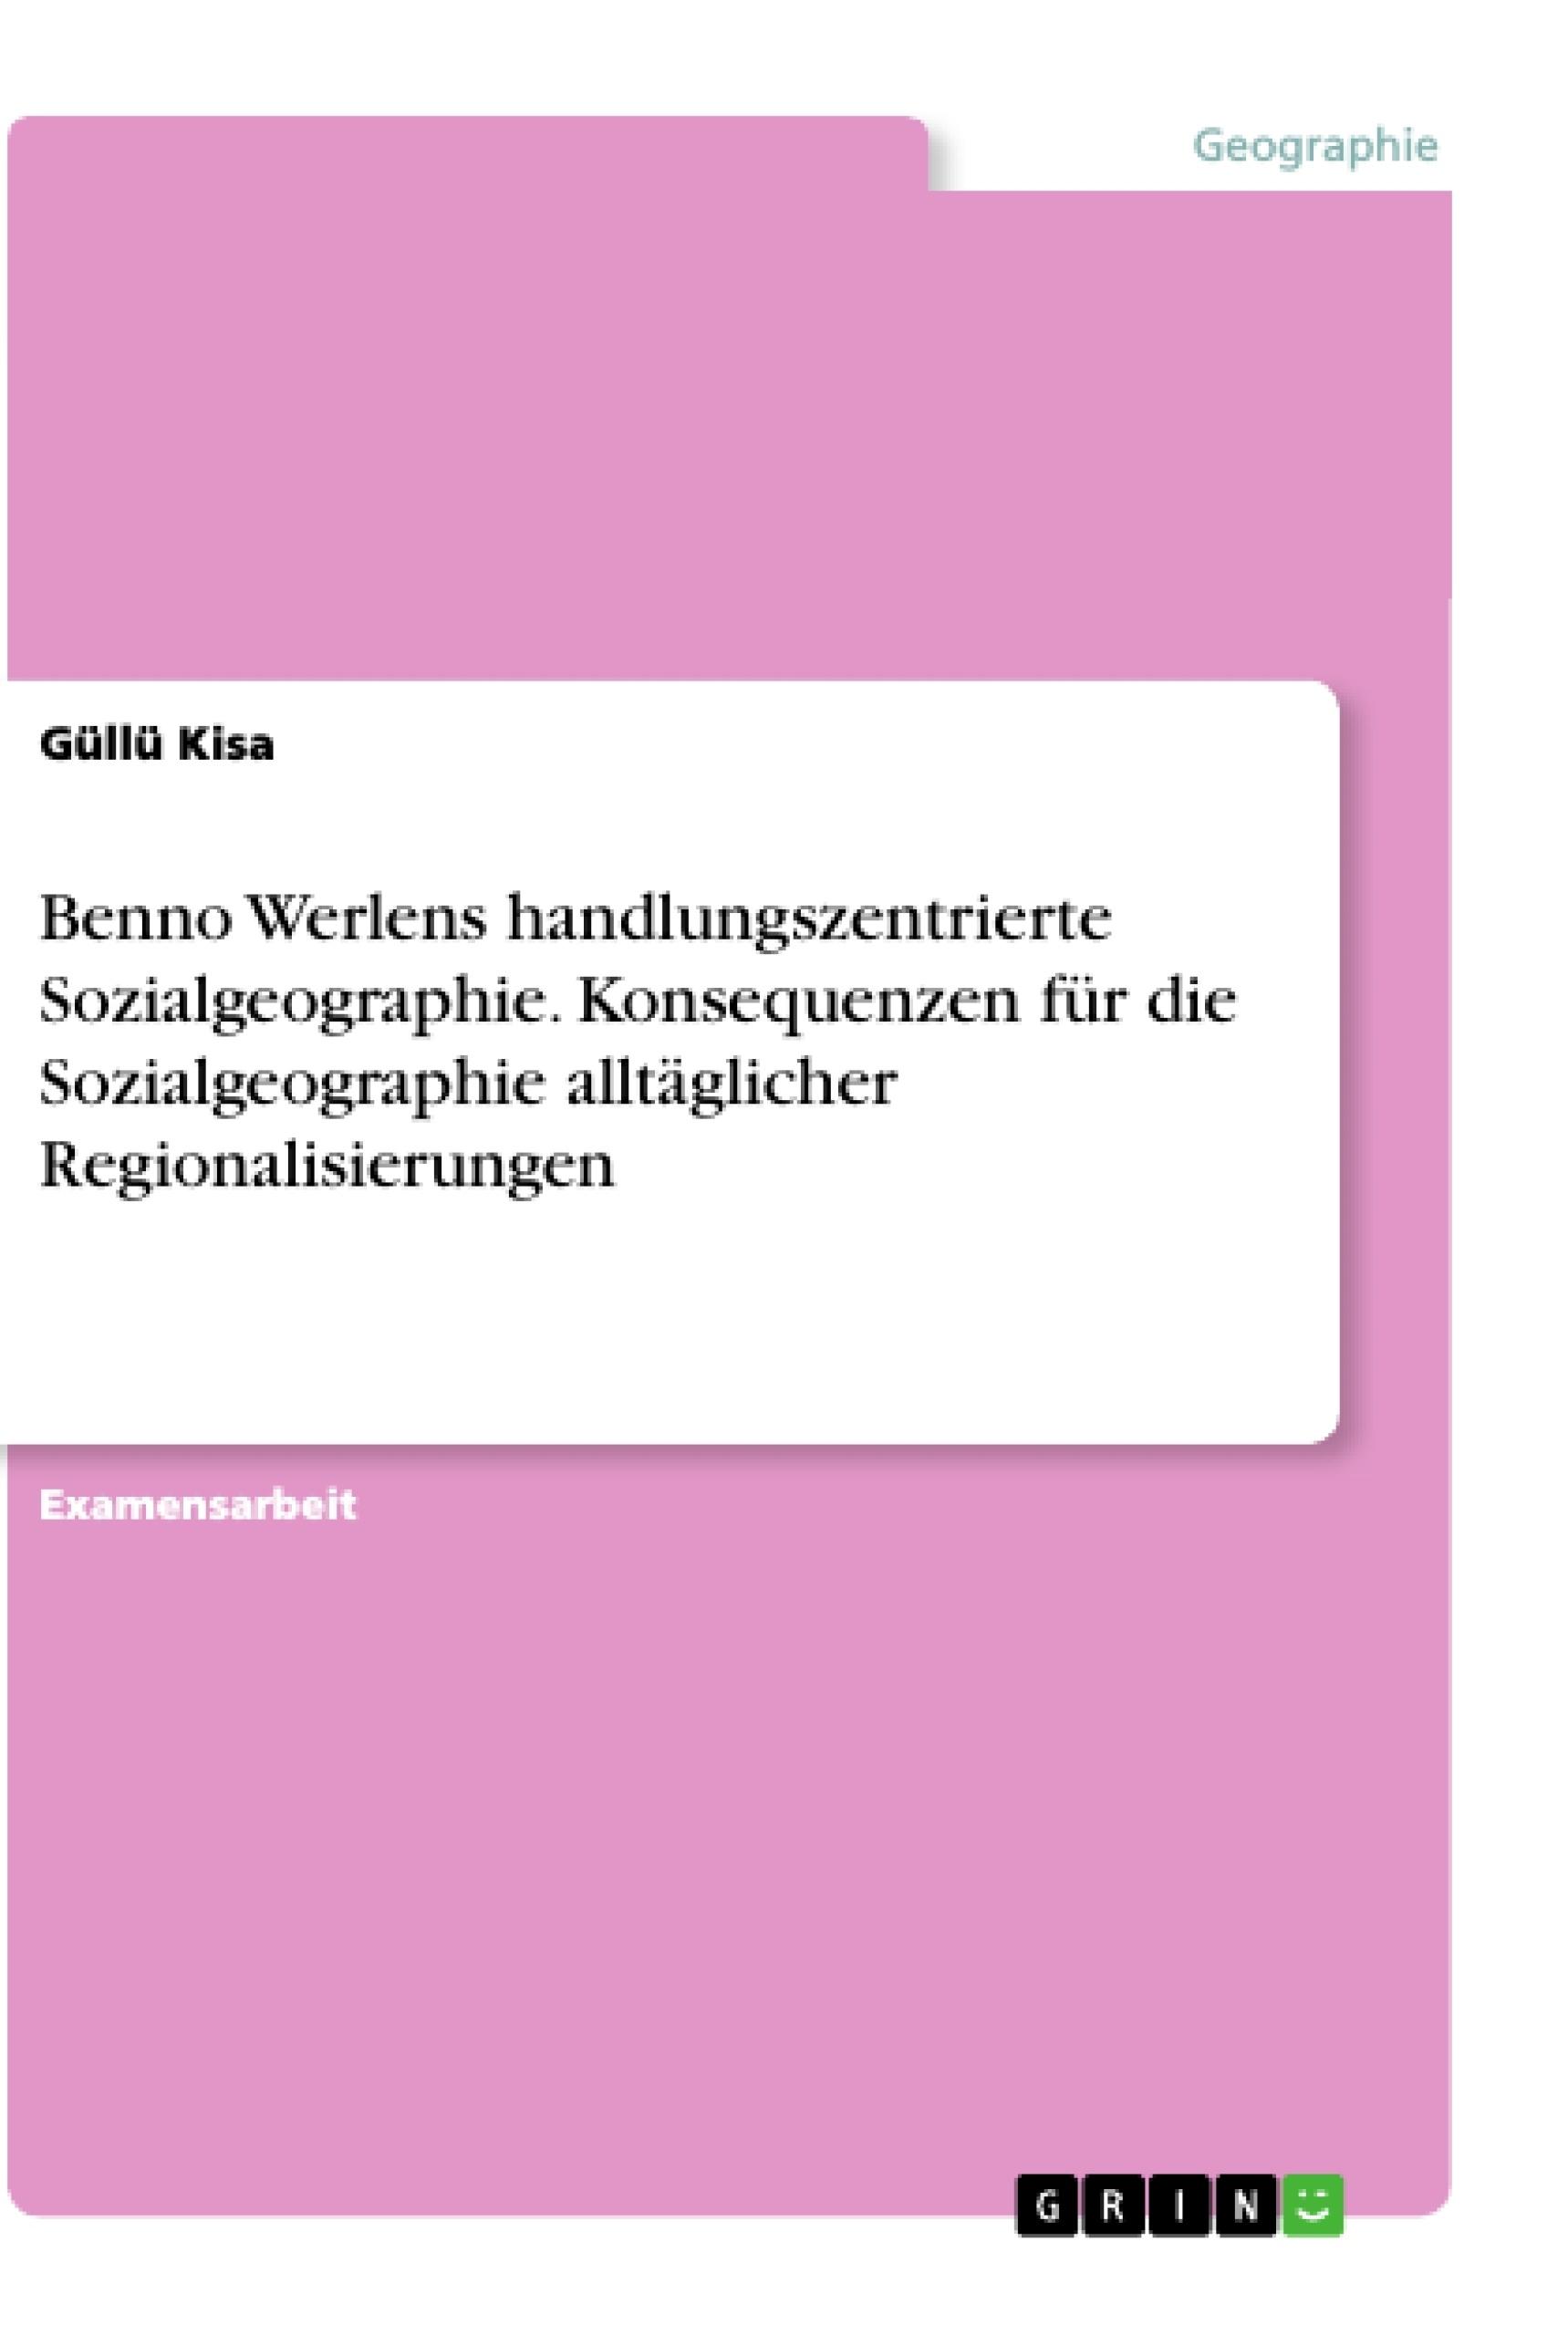 Titel: Benno Werlens handlungszentrierte Sozialgeographie. Konsequenzen für die Sozialgeographie alltäglicher Regionalisierungen